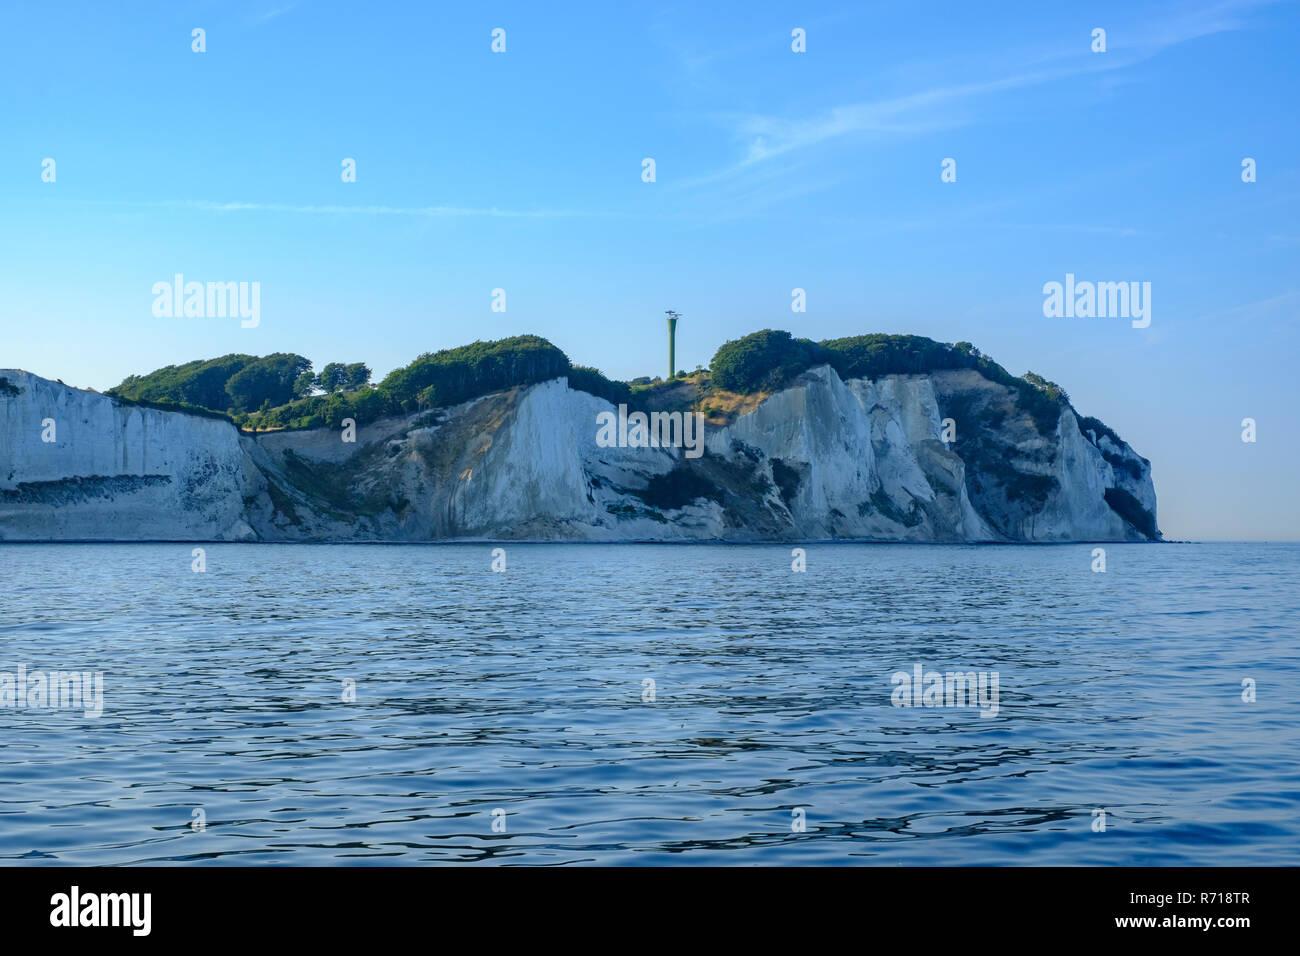 Møns Klint, the chalk cliffs of Moen Island, Denmark, Scandinavia, Europe, as seen from offcoast. Stock Photo